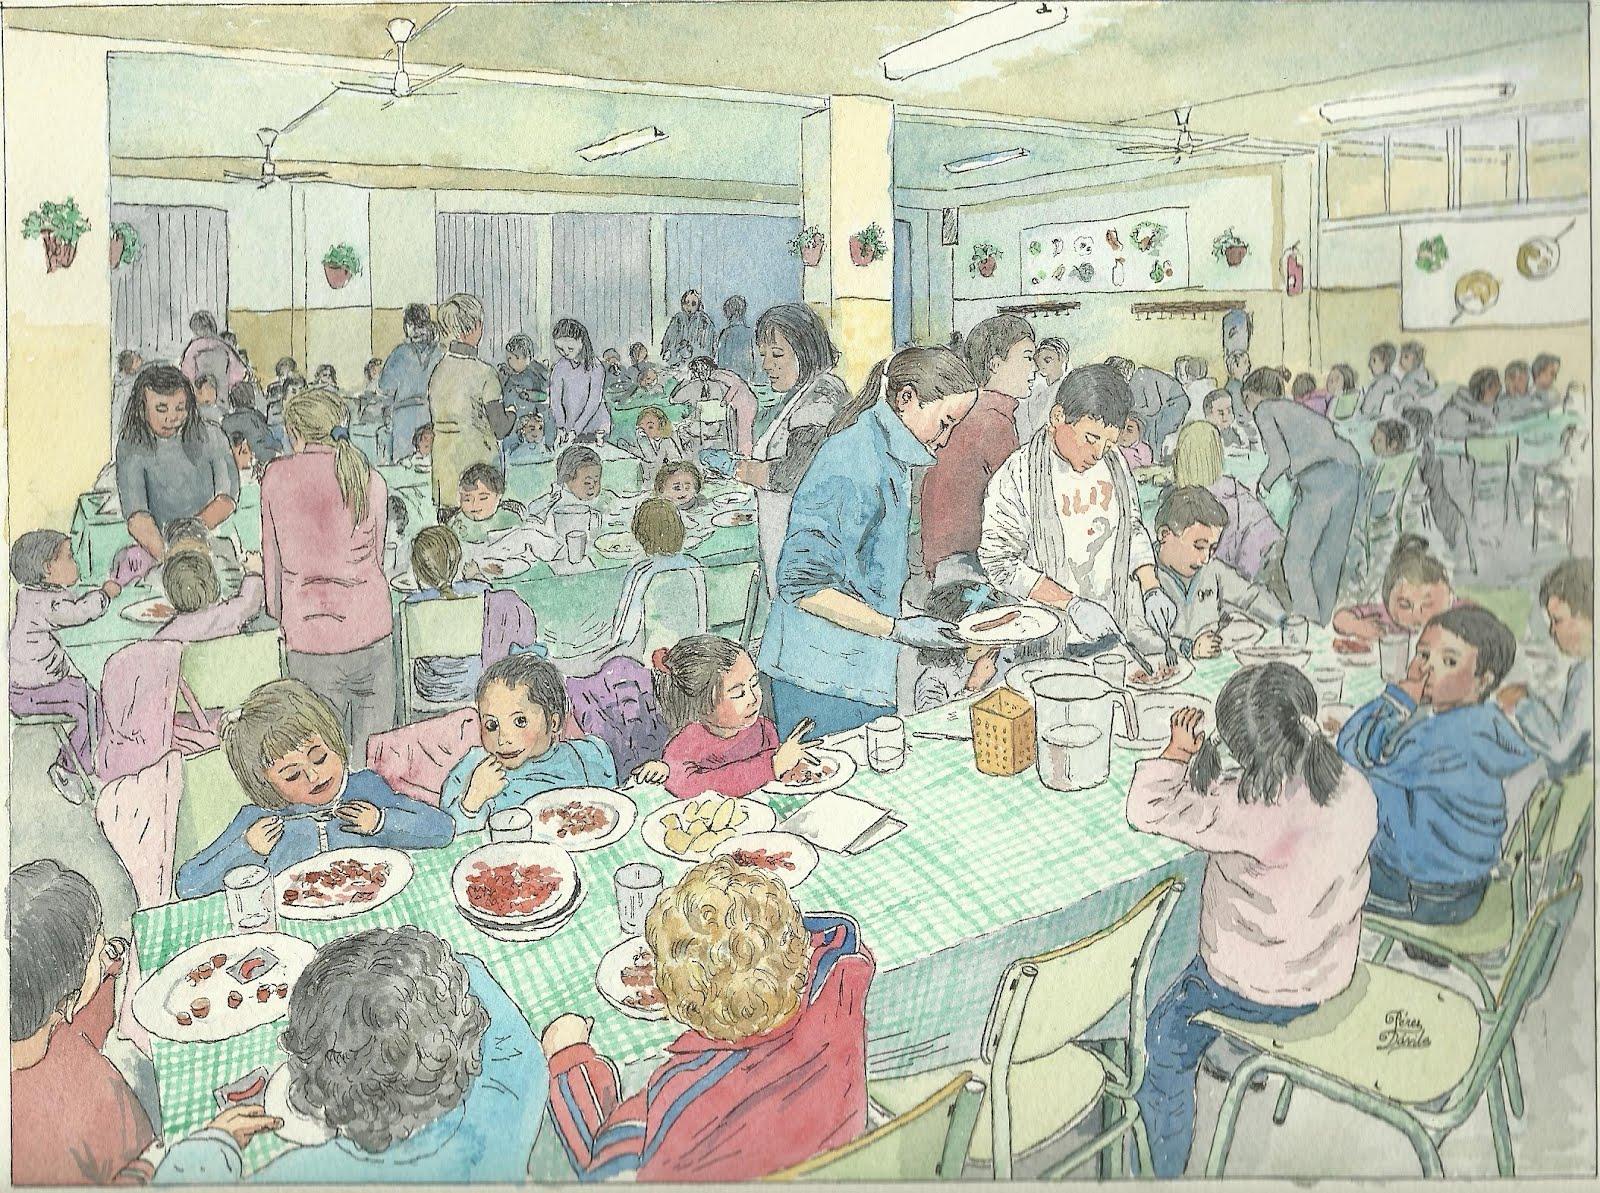 Dime que comes comedores escolares progresan for Dibujo de comedor escolar